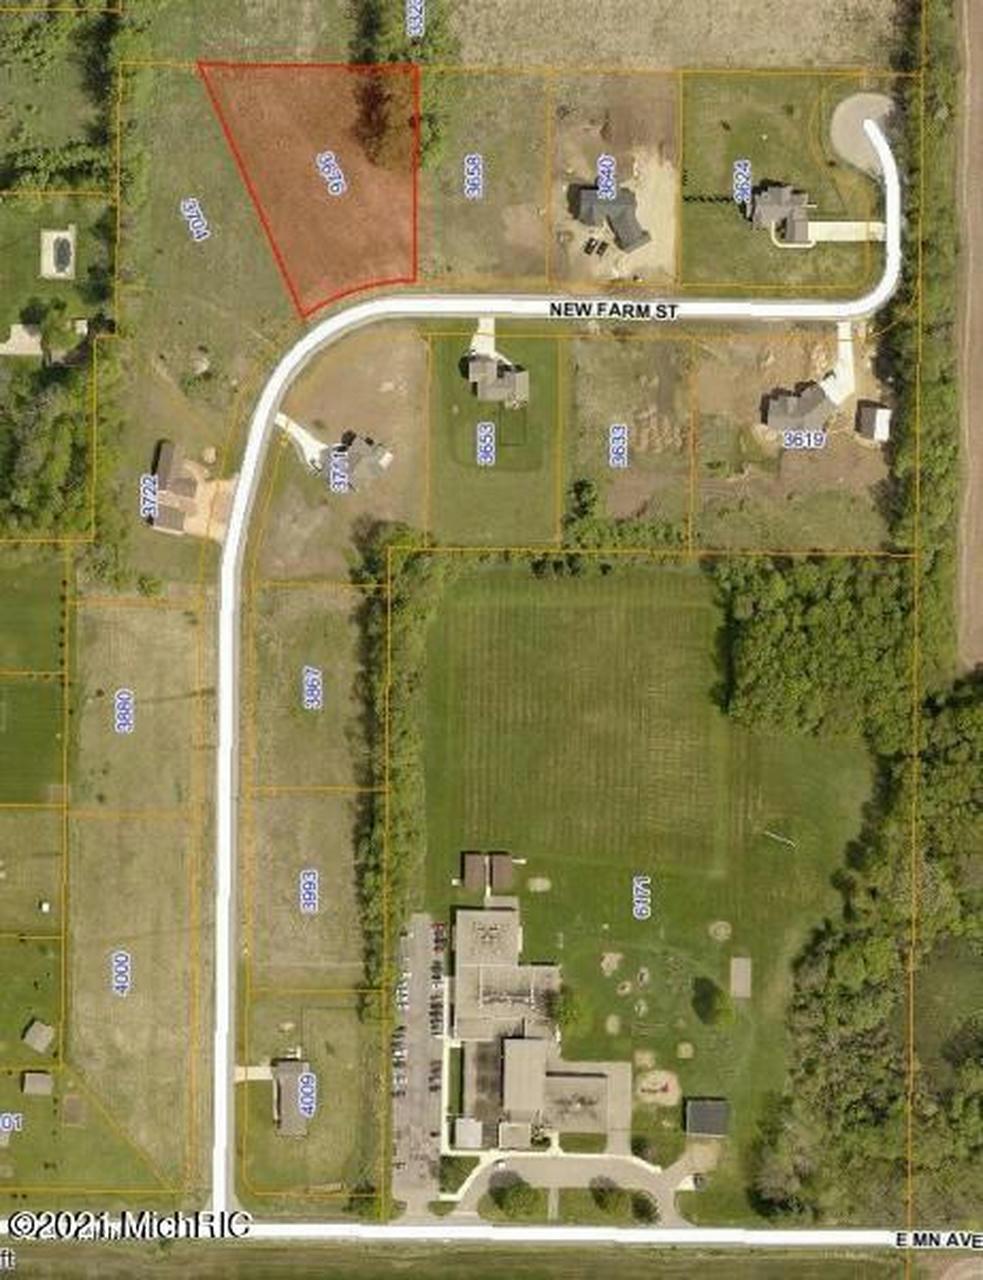 3676 New Farm St Kalamazoo, MI 49048